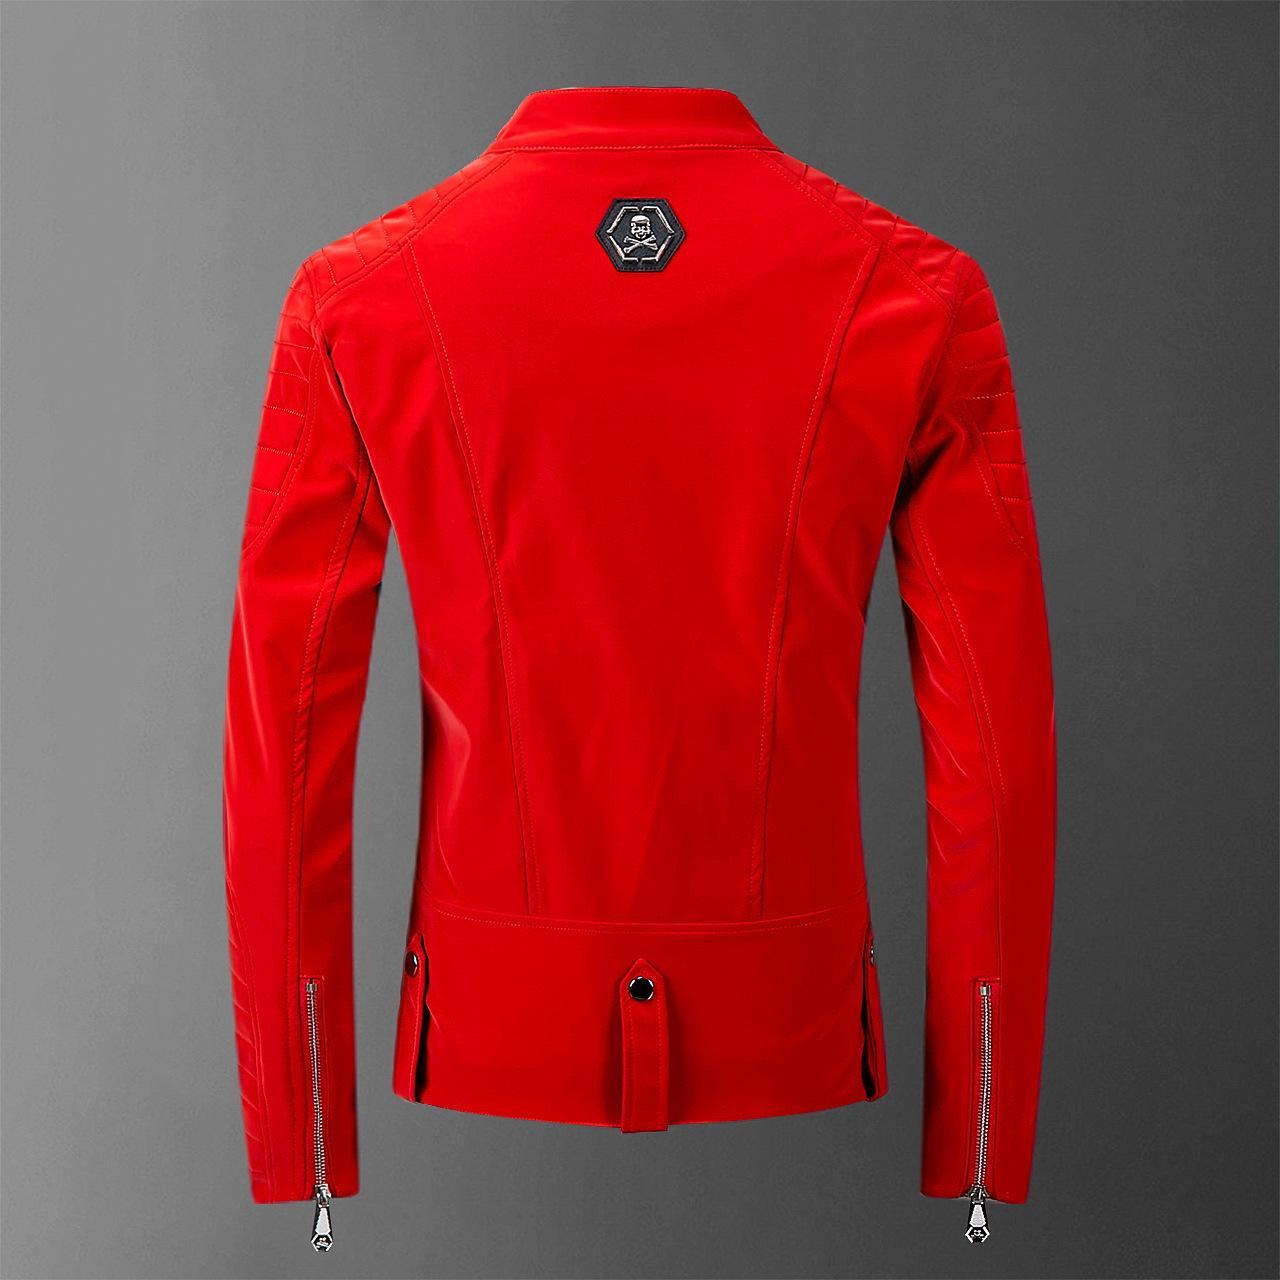 Crâne cuir reconstitué rouge Jackets Homme High Street style Turn-doudounes cou Streetwear hommes et manteaux Casacas Para Hombre 201019